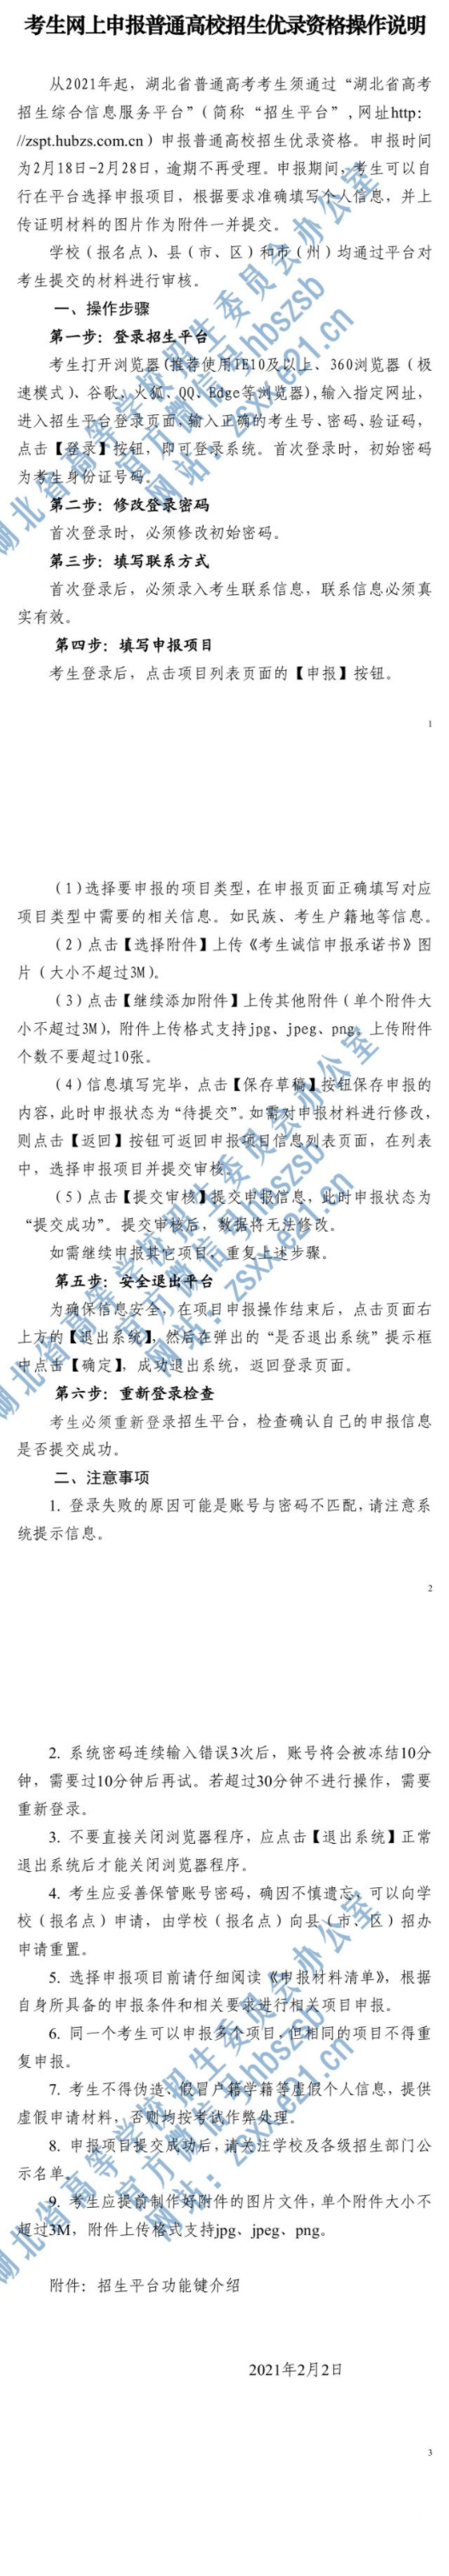 湖北2021年考生网上申报普通高校招生优录资格操作说明